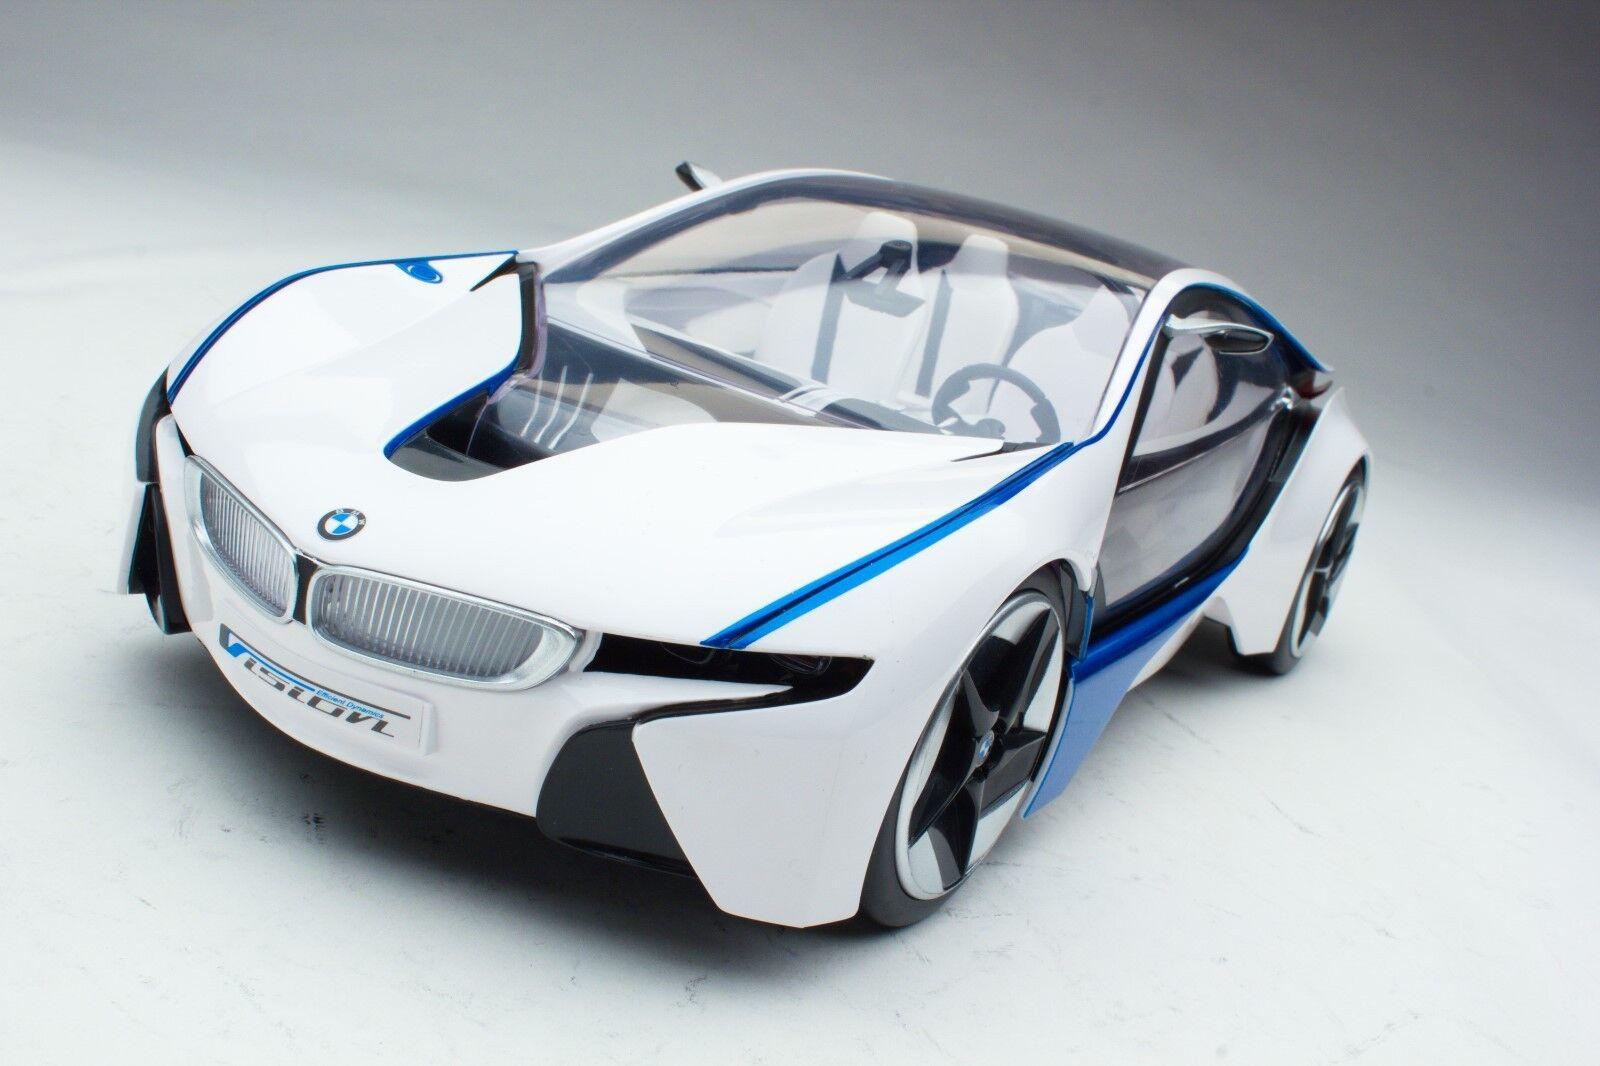 BMW I8 Concept   Ved    Qualità R C modello auto   gree Scala 1 14   Articolo  fino al 60% di sconto